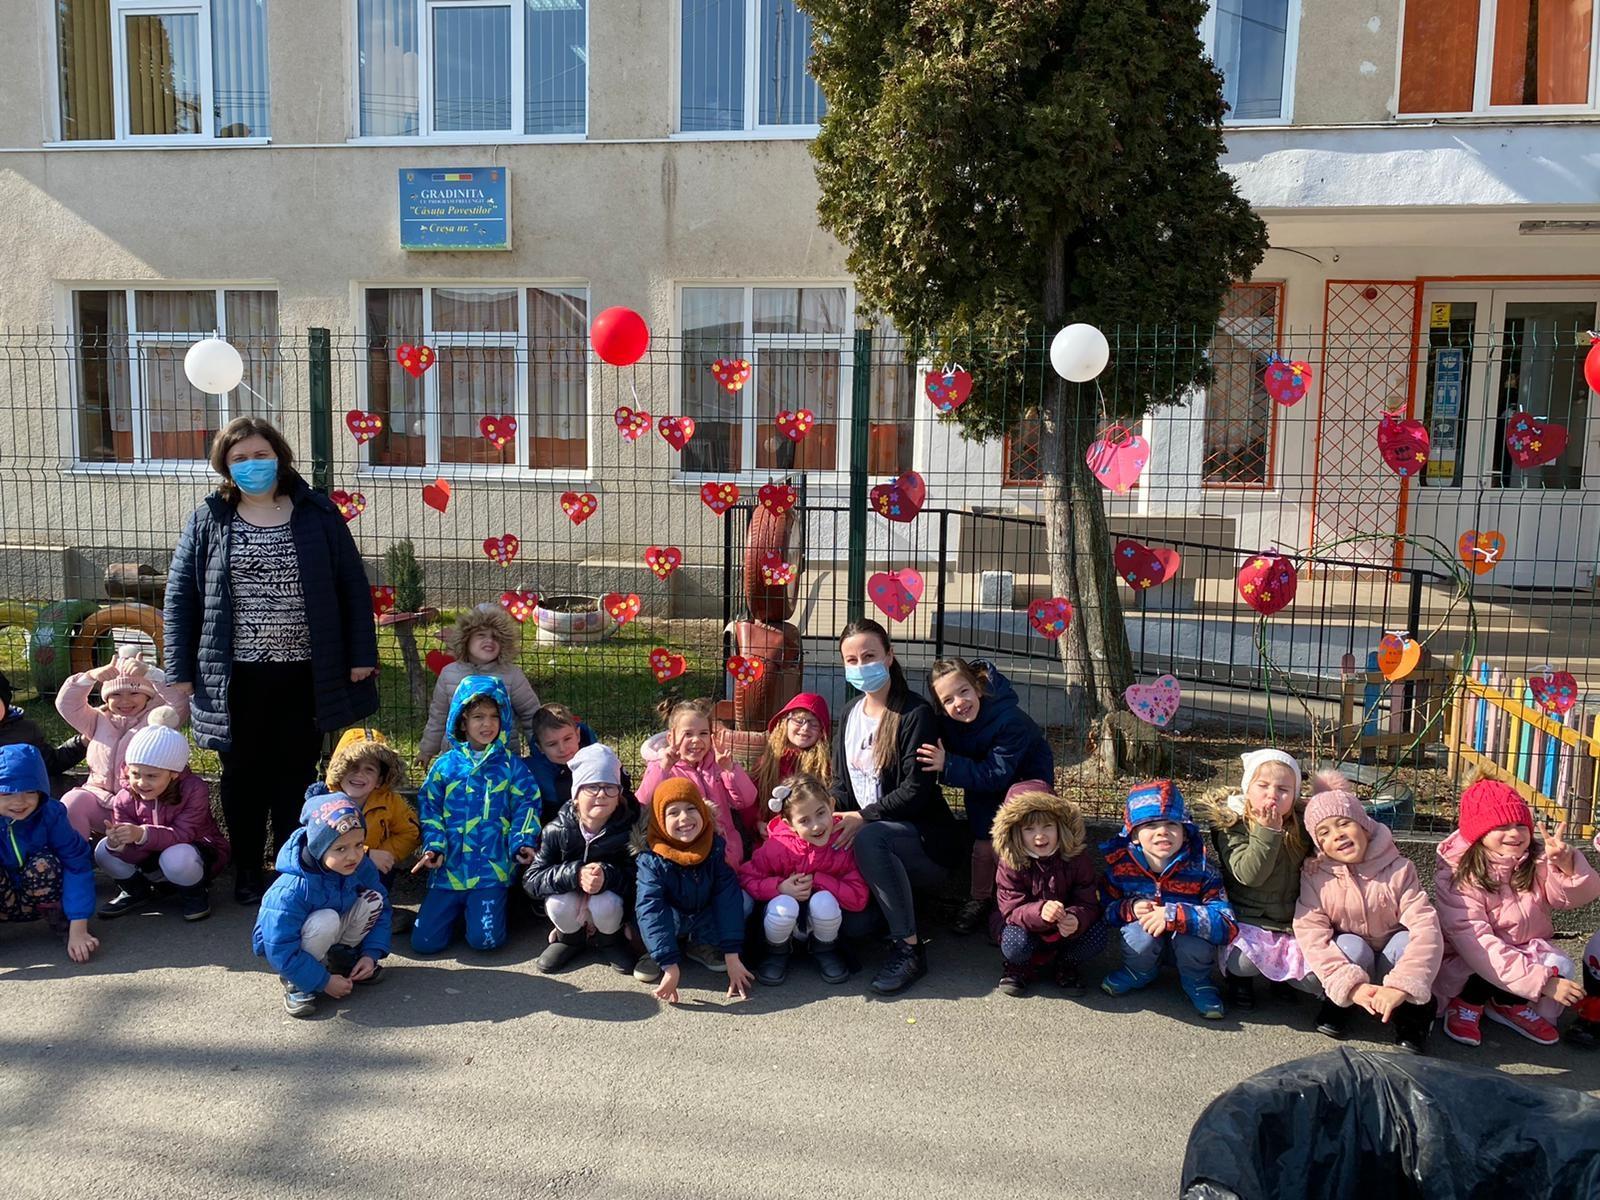 Expoziție de mesaje și inimi dedicate mamei pe gardul unei grădinițe din Sibiu